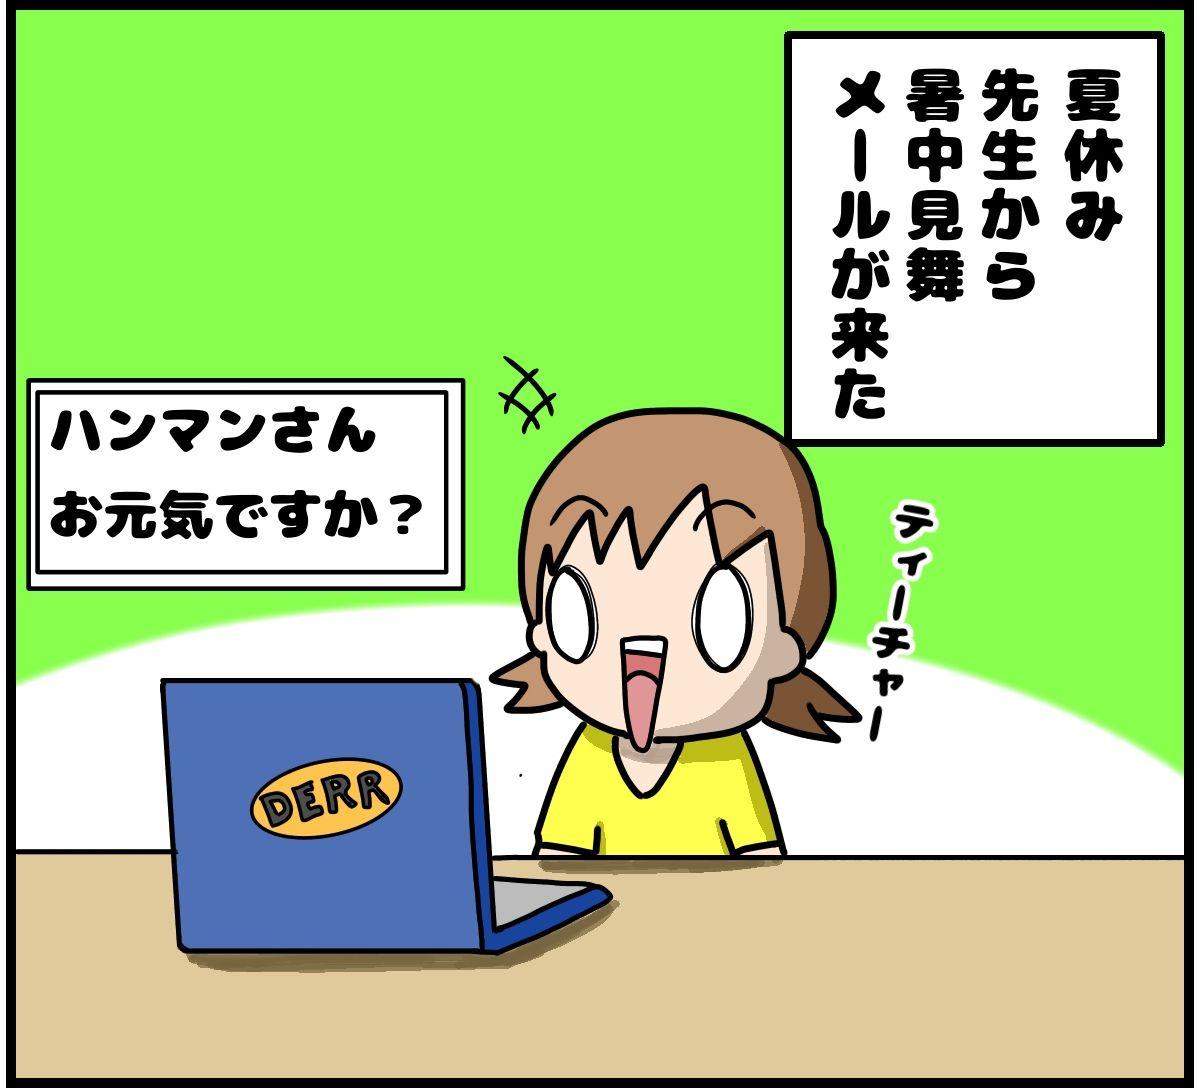 妻の留學時代⑨ 外國人が使い方に困る漢字 : 違います。日臺夫婦です。